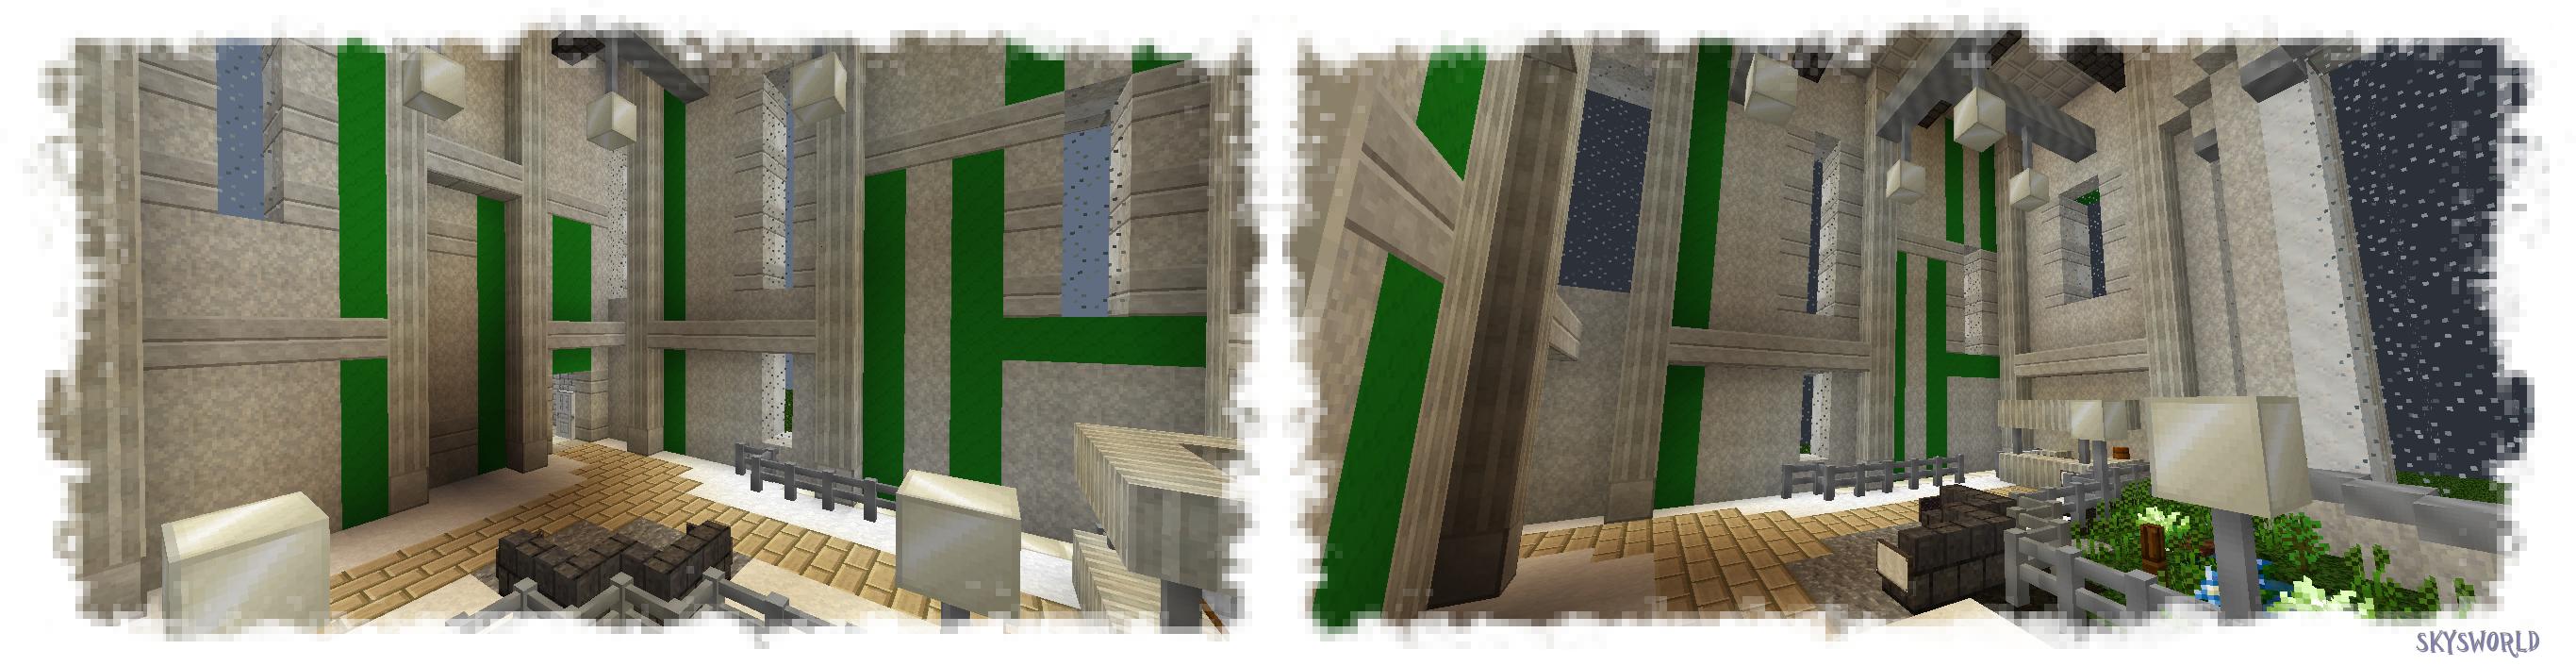 Minecraft office first floor interior by skysworld on deviantart - Minecraft office interior ...